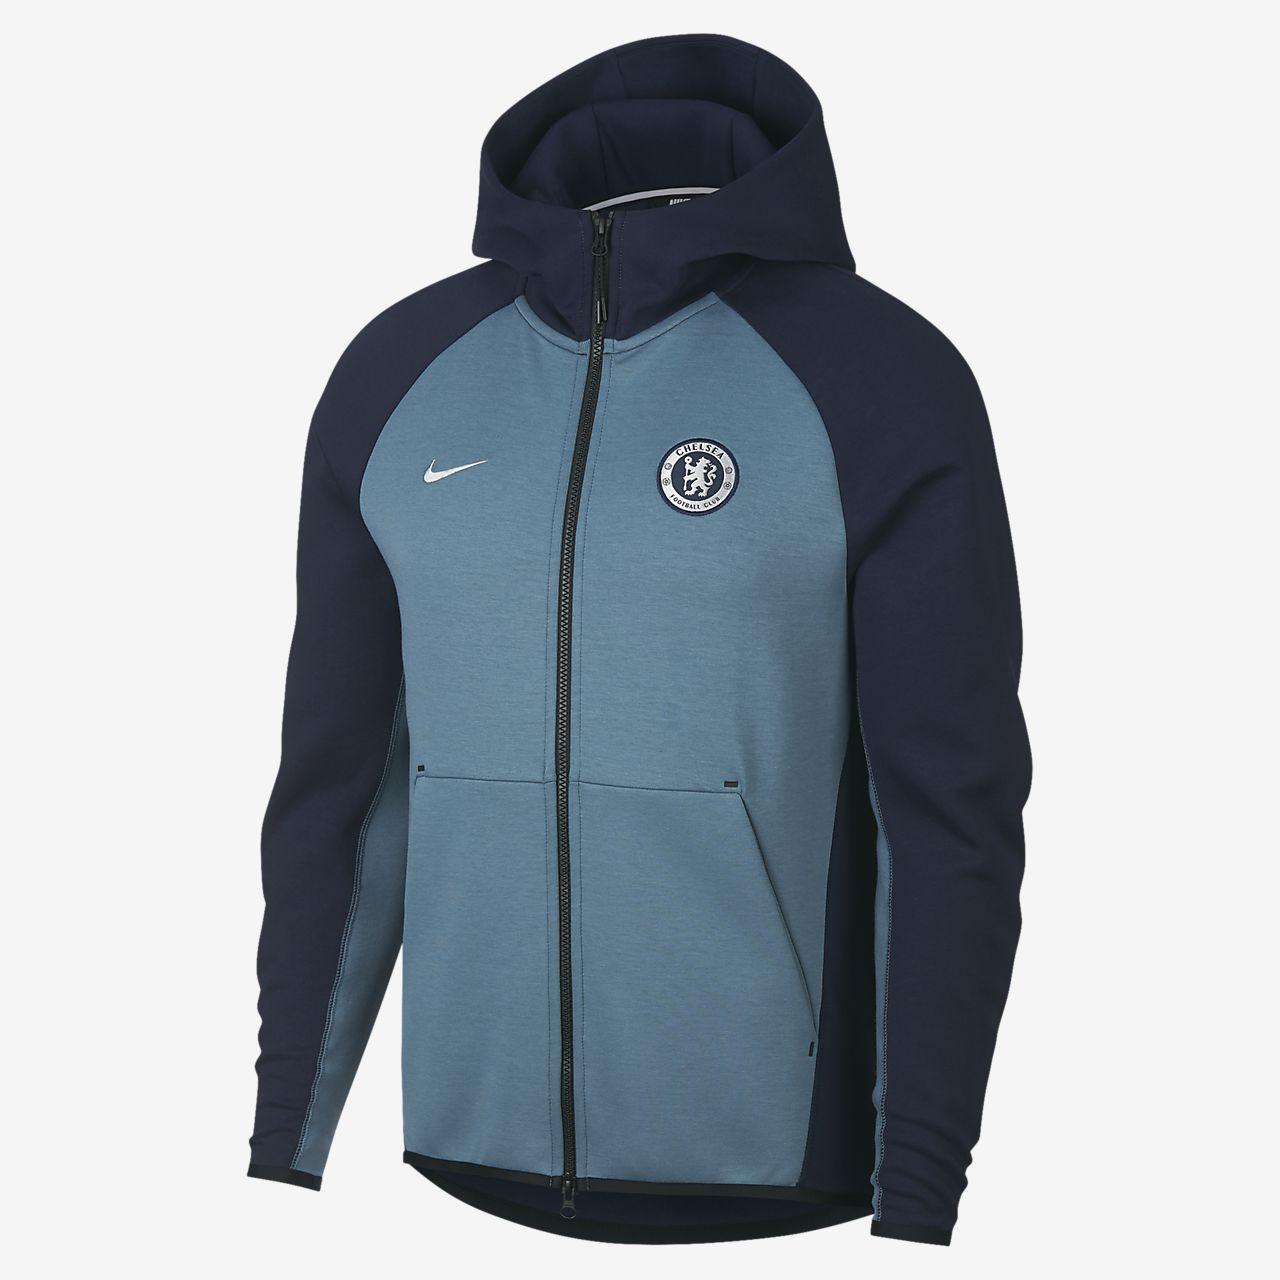 9b64c7f20d67 Chelsea FC Tech Fleece Men s Full-Zip Hoodie. Nike.com GB